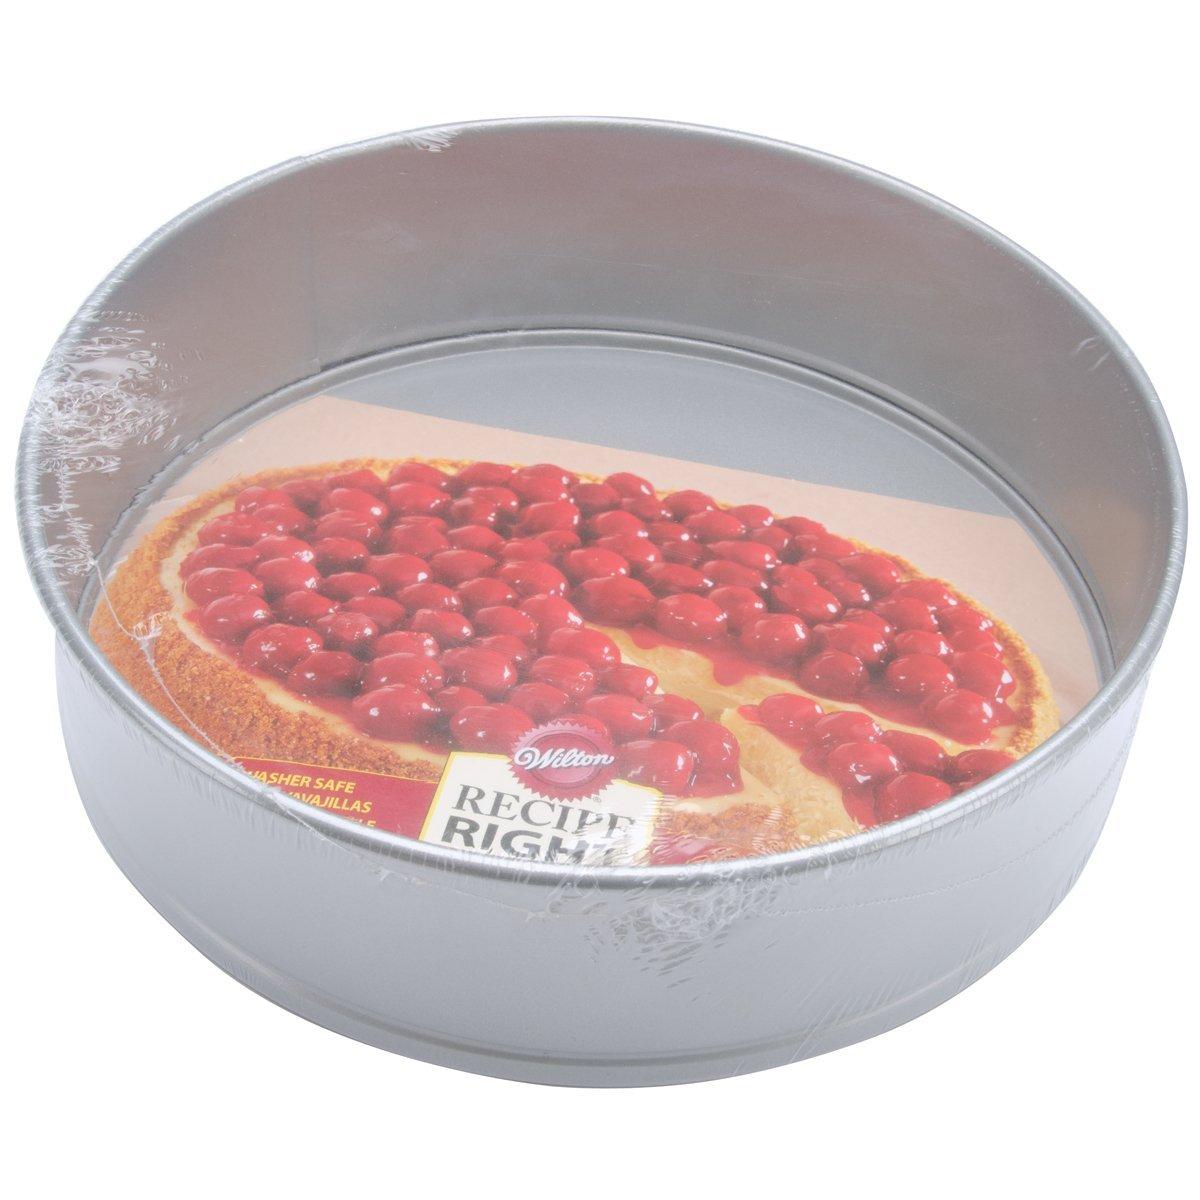 Wilton Recipe Right Non-Stick Springform Cake Pan, 10-Inch